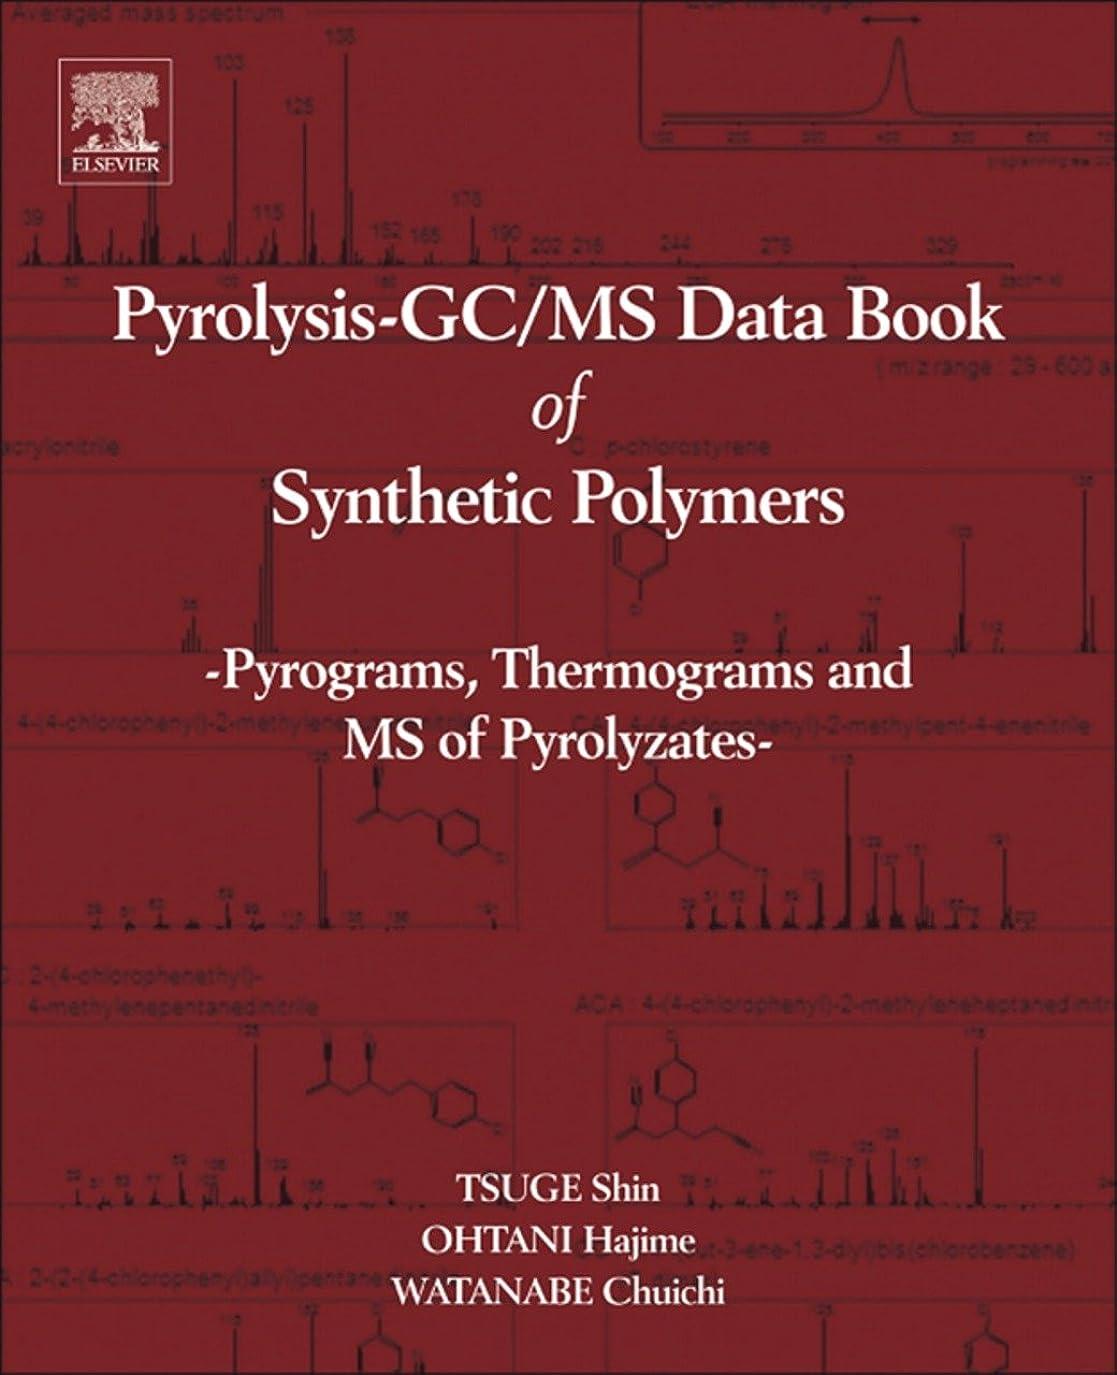 驚かすパッケージセットアップPyrolysis - GC/MS Data Book of Synthetic Polymers: Pyrograms, Thermograms and MS of Pyrolyzates (English Edition)